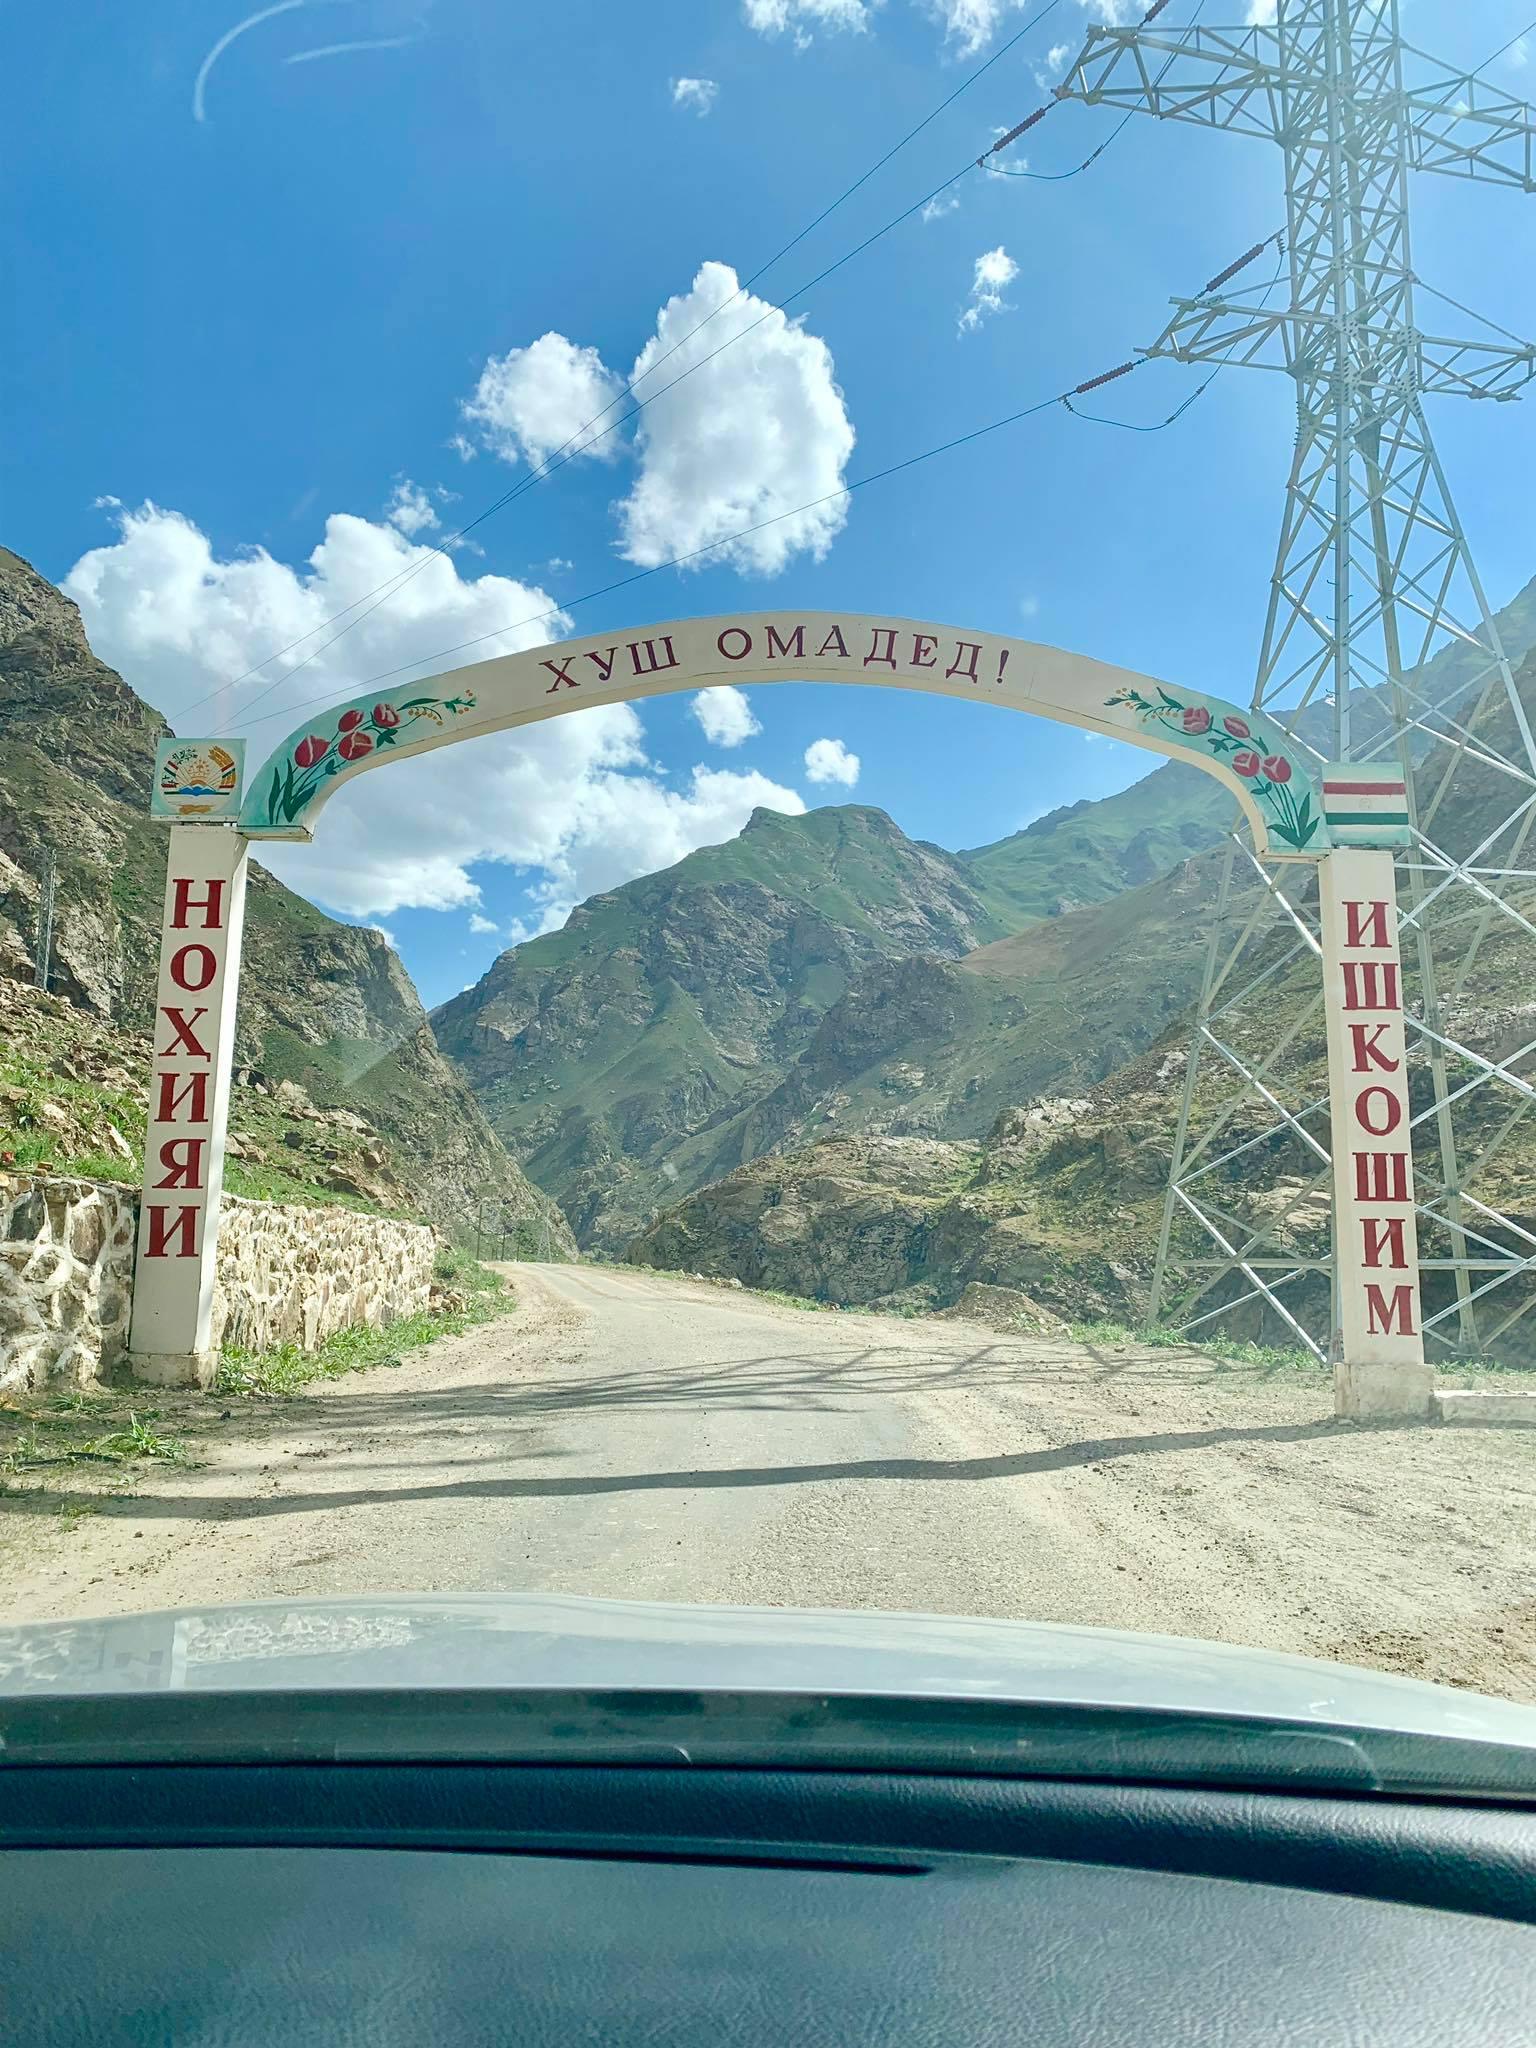 Kach Solo Travels in 2019 Pamir Highway Trip in Tajikistan2.jpg